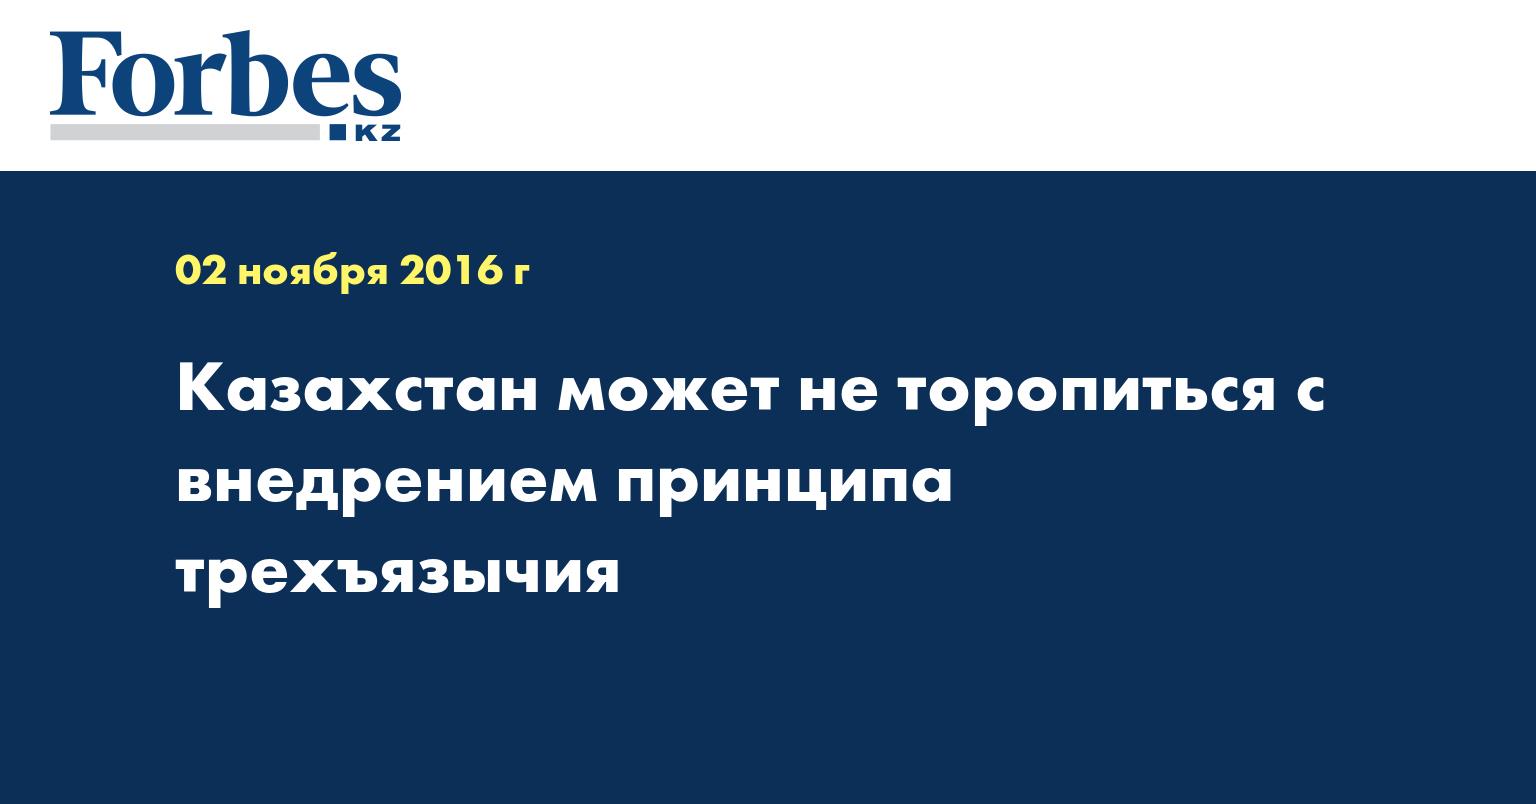 Казахстан может не торопиться с внедрением принципа трехъязычия